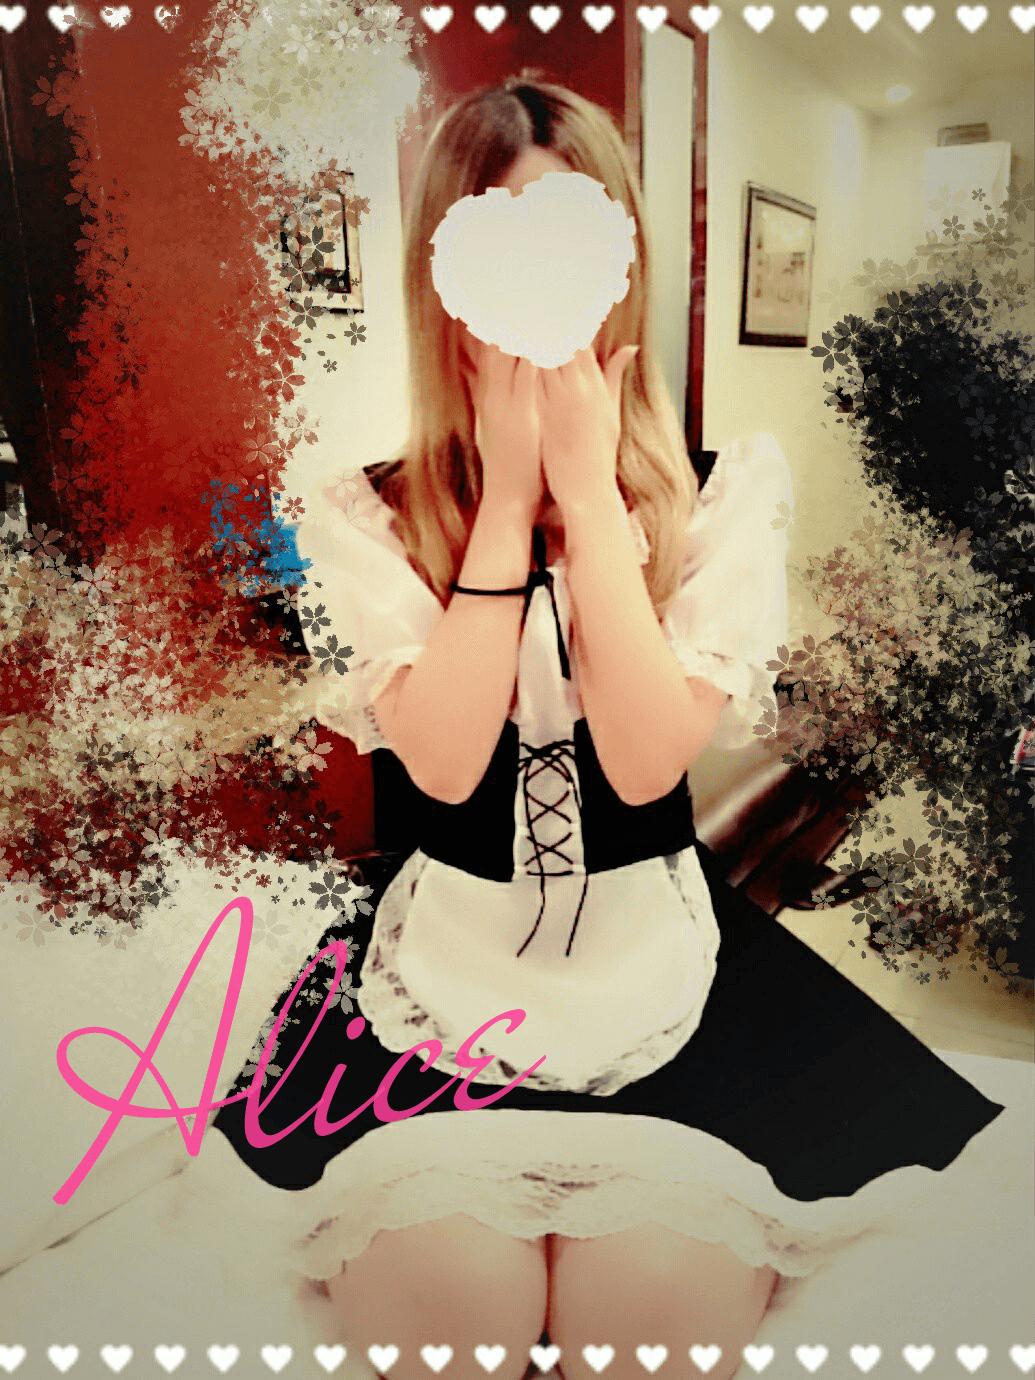 ありす「♡---Thank you ---♡」12/14(木) 23:40 | ありすの写メ・風俗動画